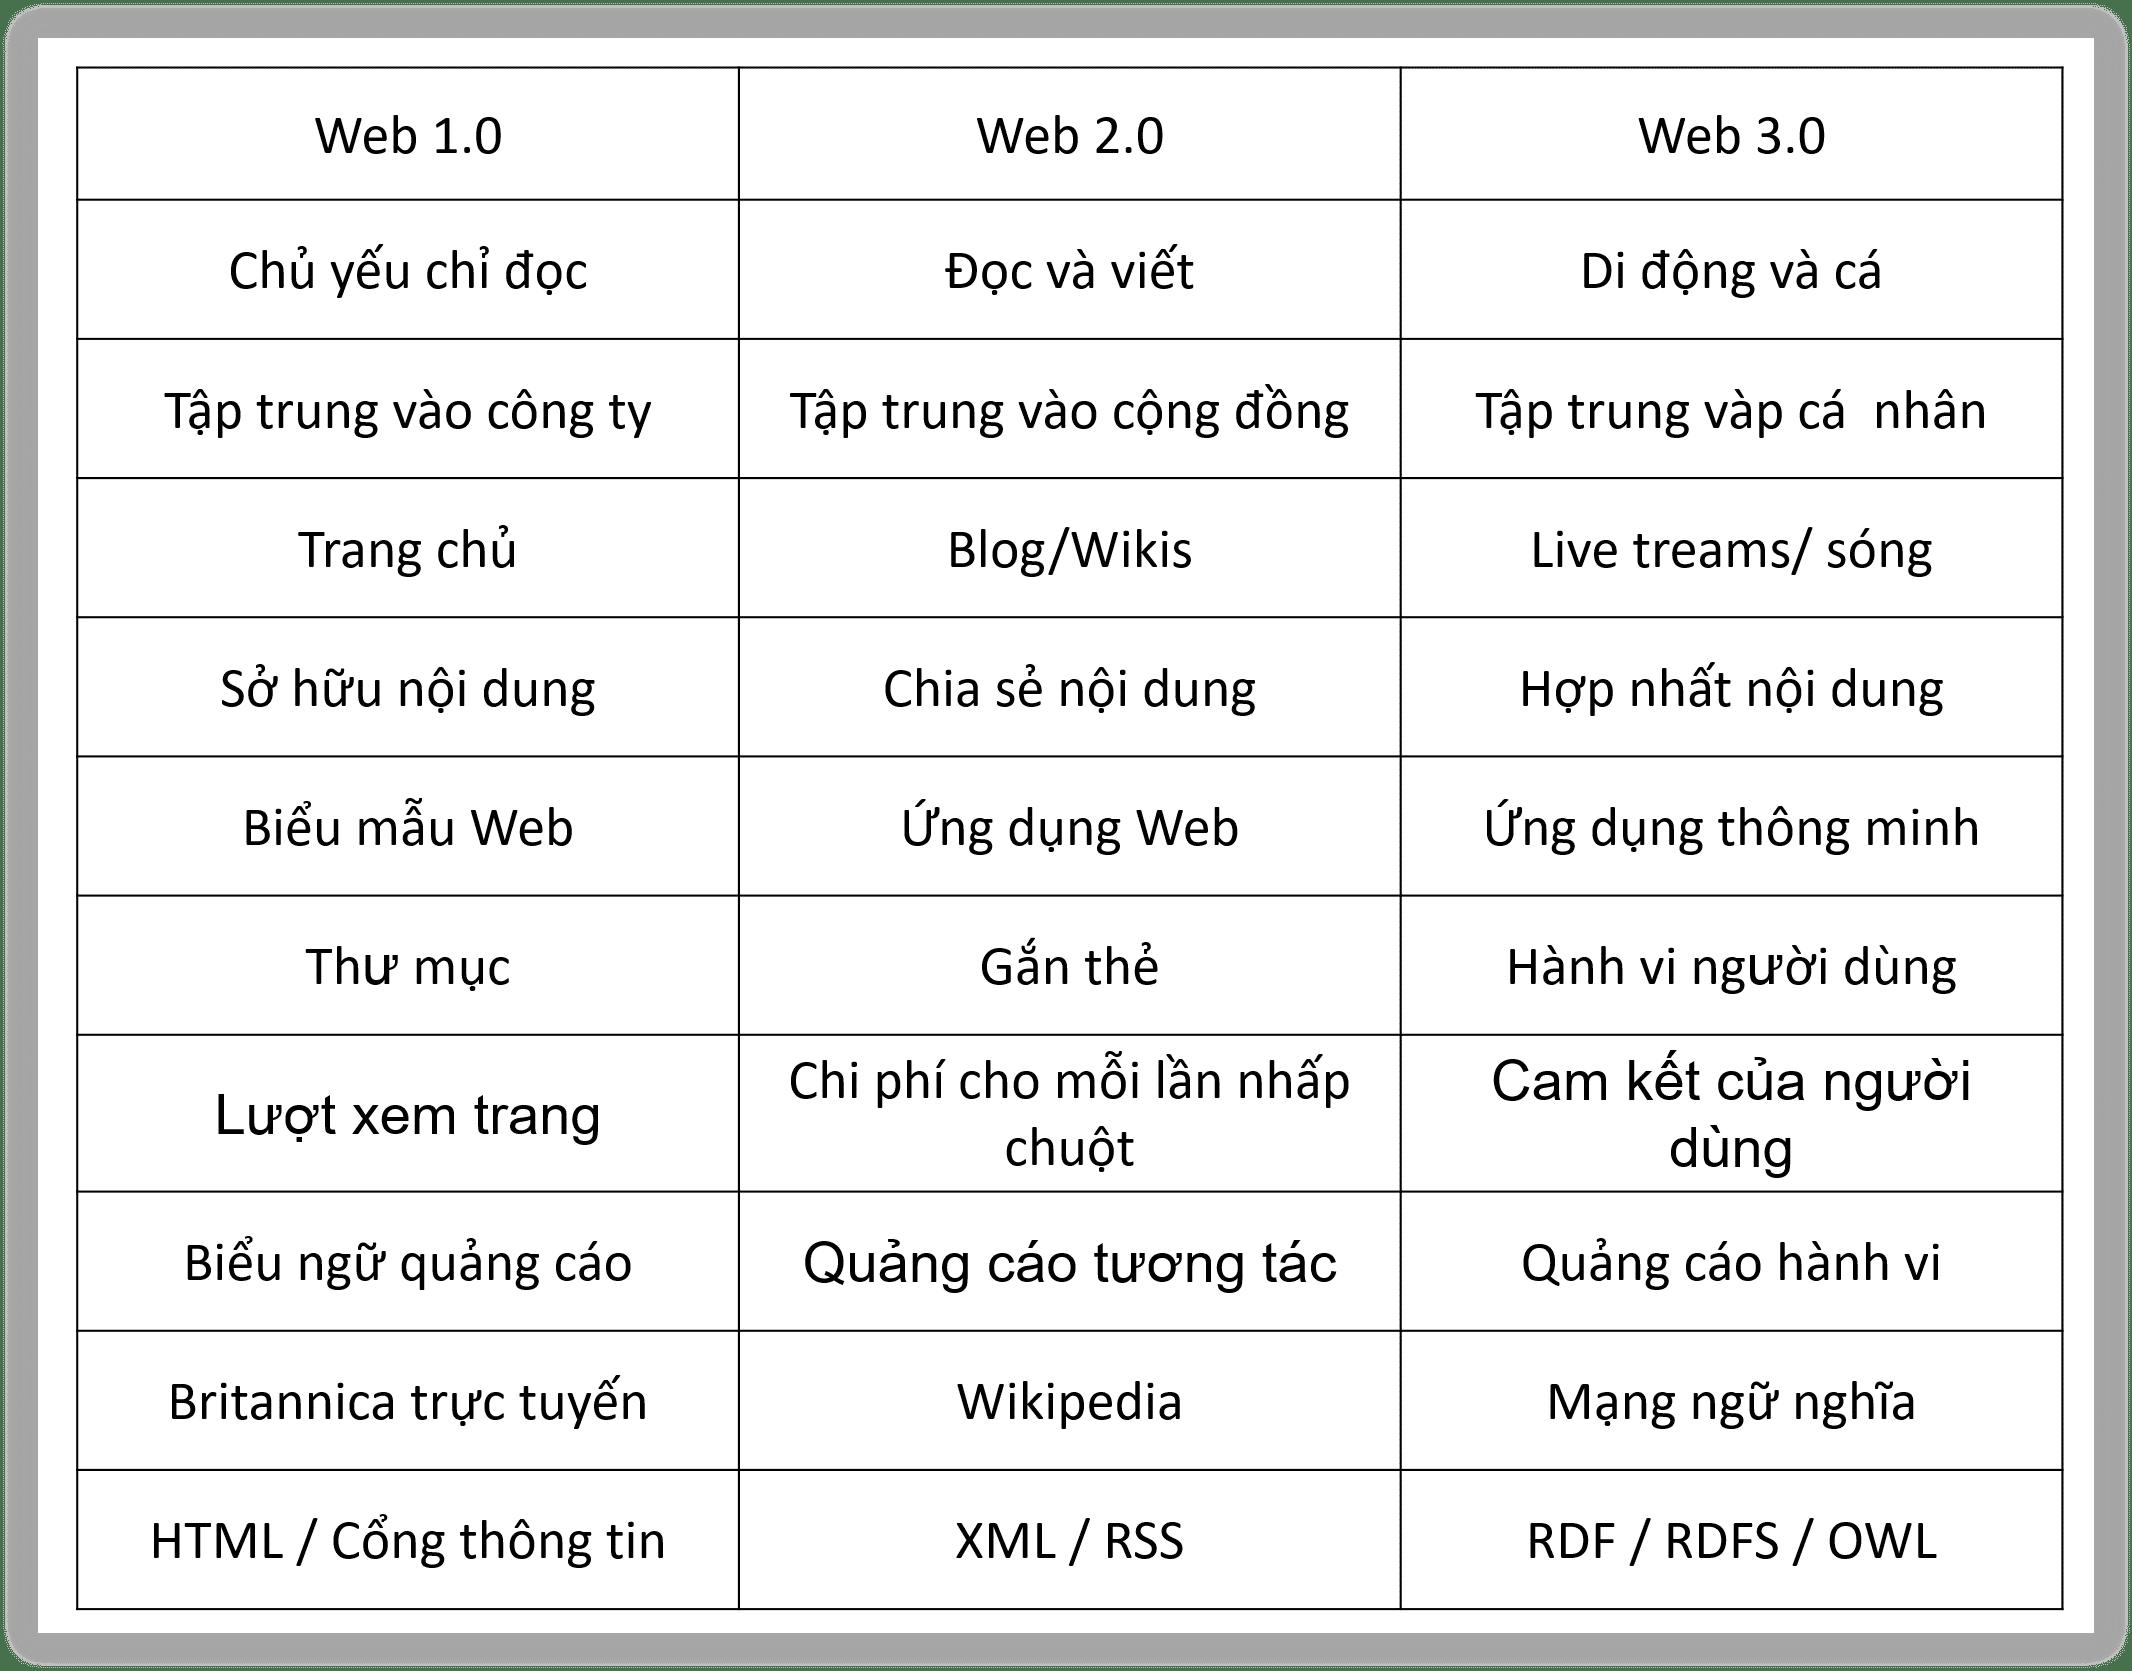 so sánh web 3.0 và các phiên bản trước